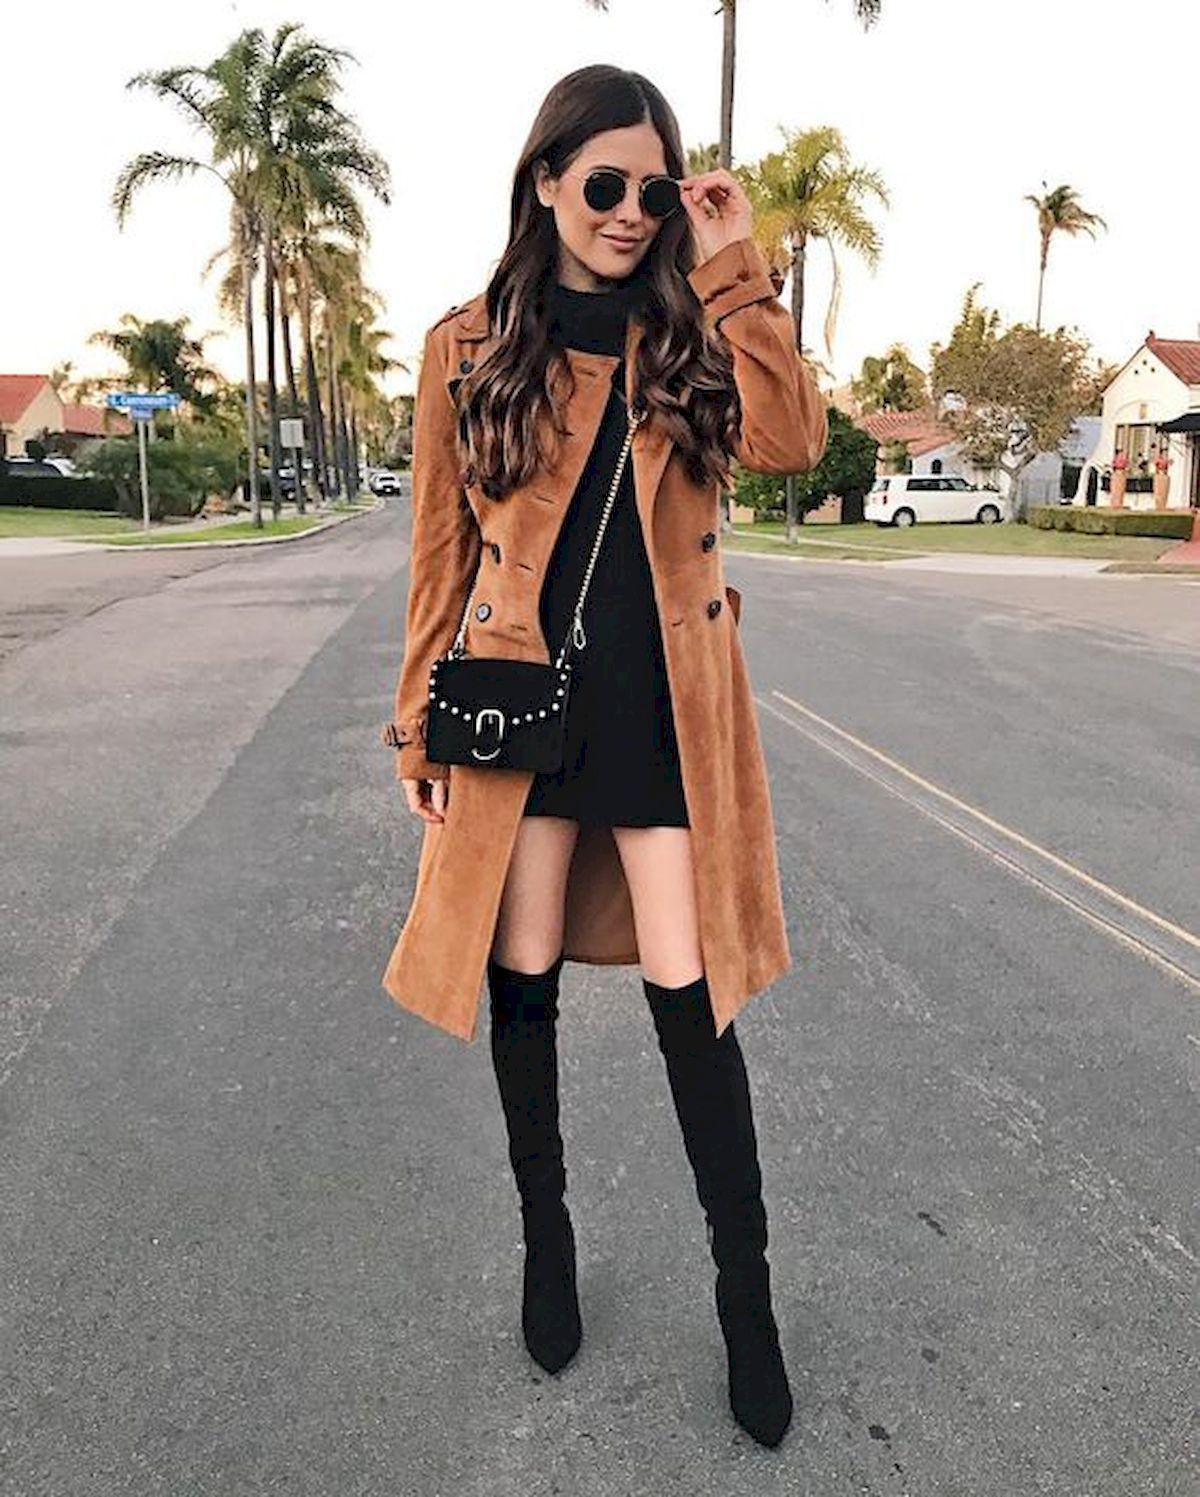 d661e616f37 55 Best Ideas Outfits for Short Women